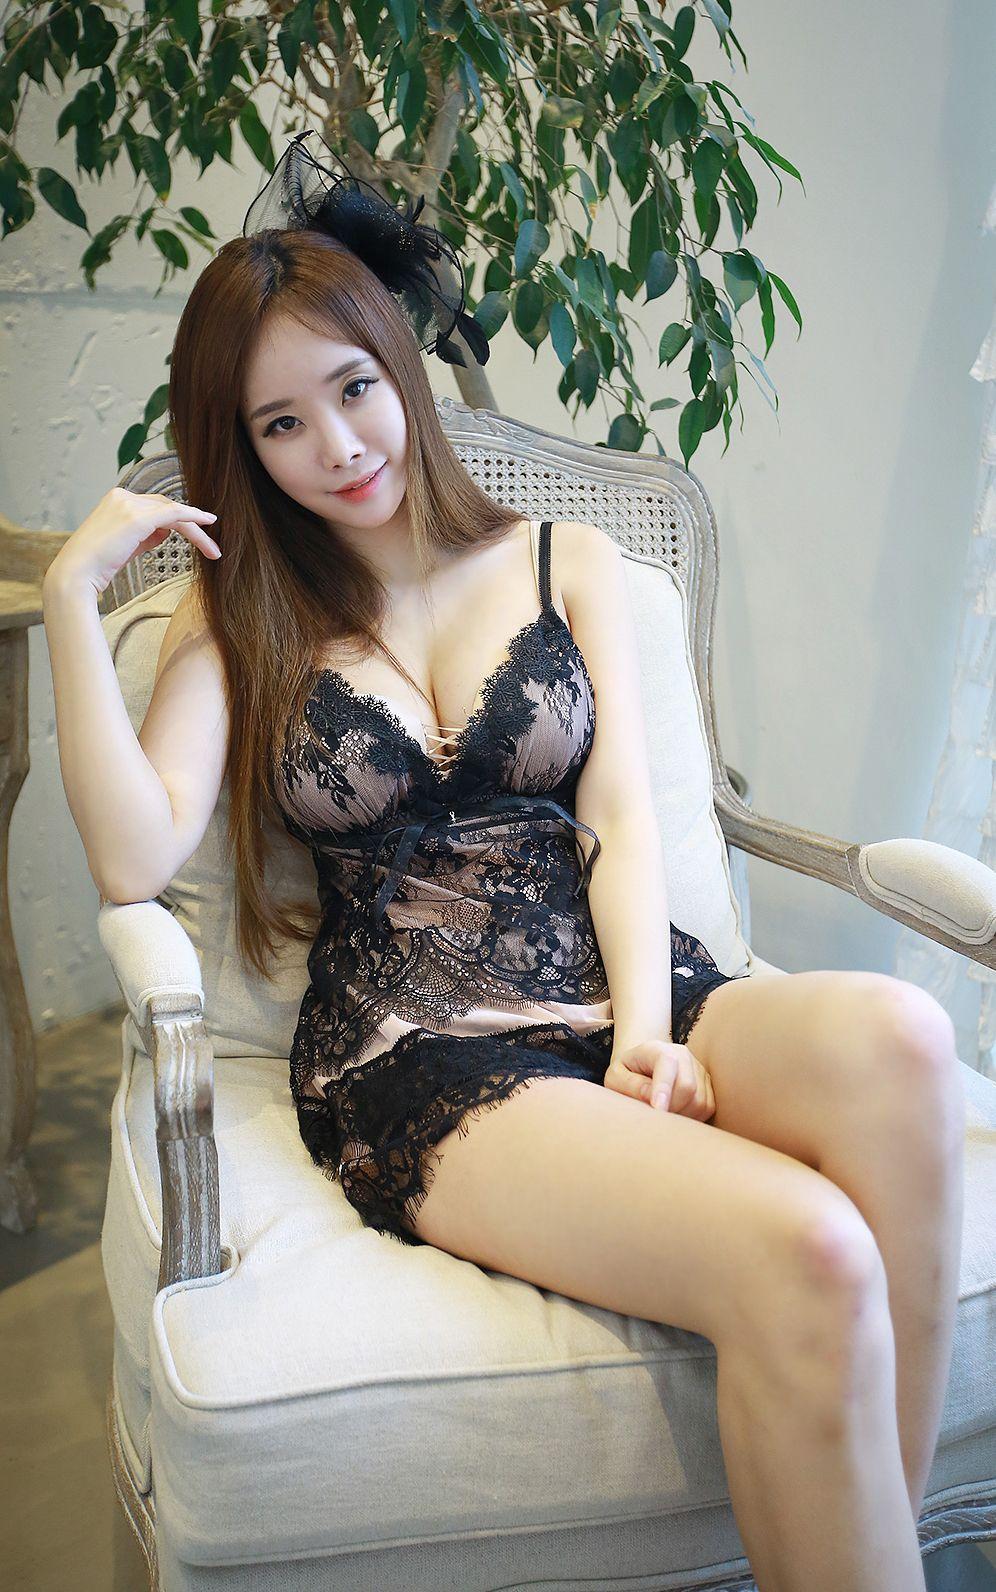 韩国魅惑内衣模特-HP-hp-内衣-51爱图网整理第30期